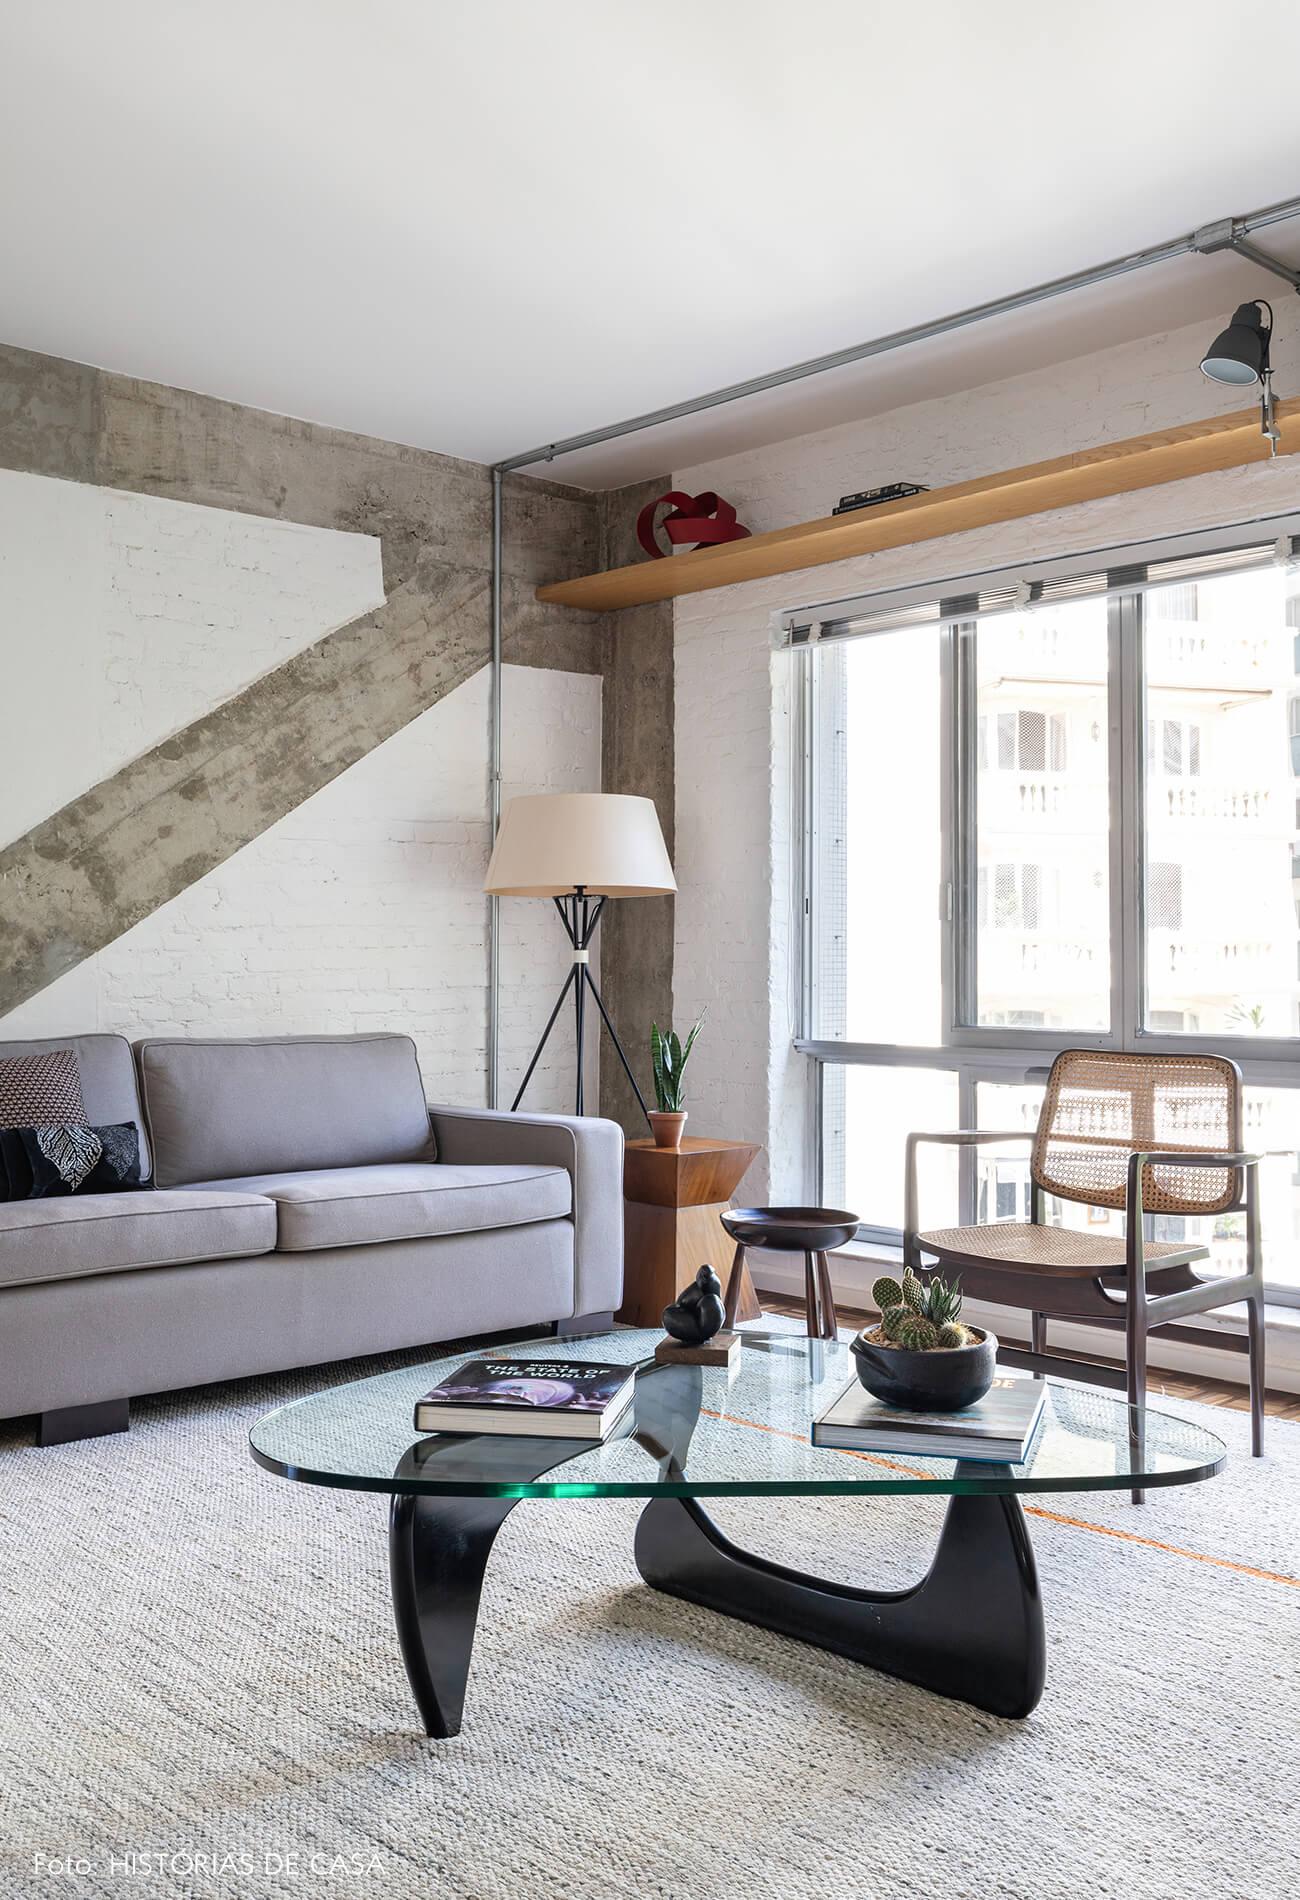 sala-com-estrutura-de-concreto-e-mesa-de-vidro